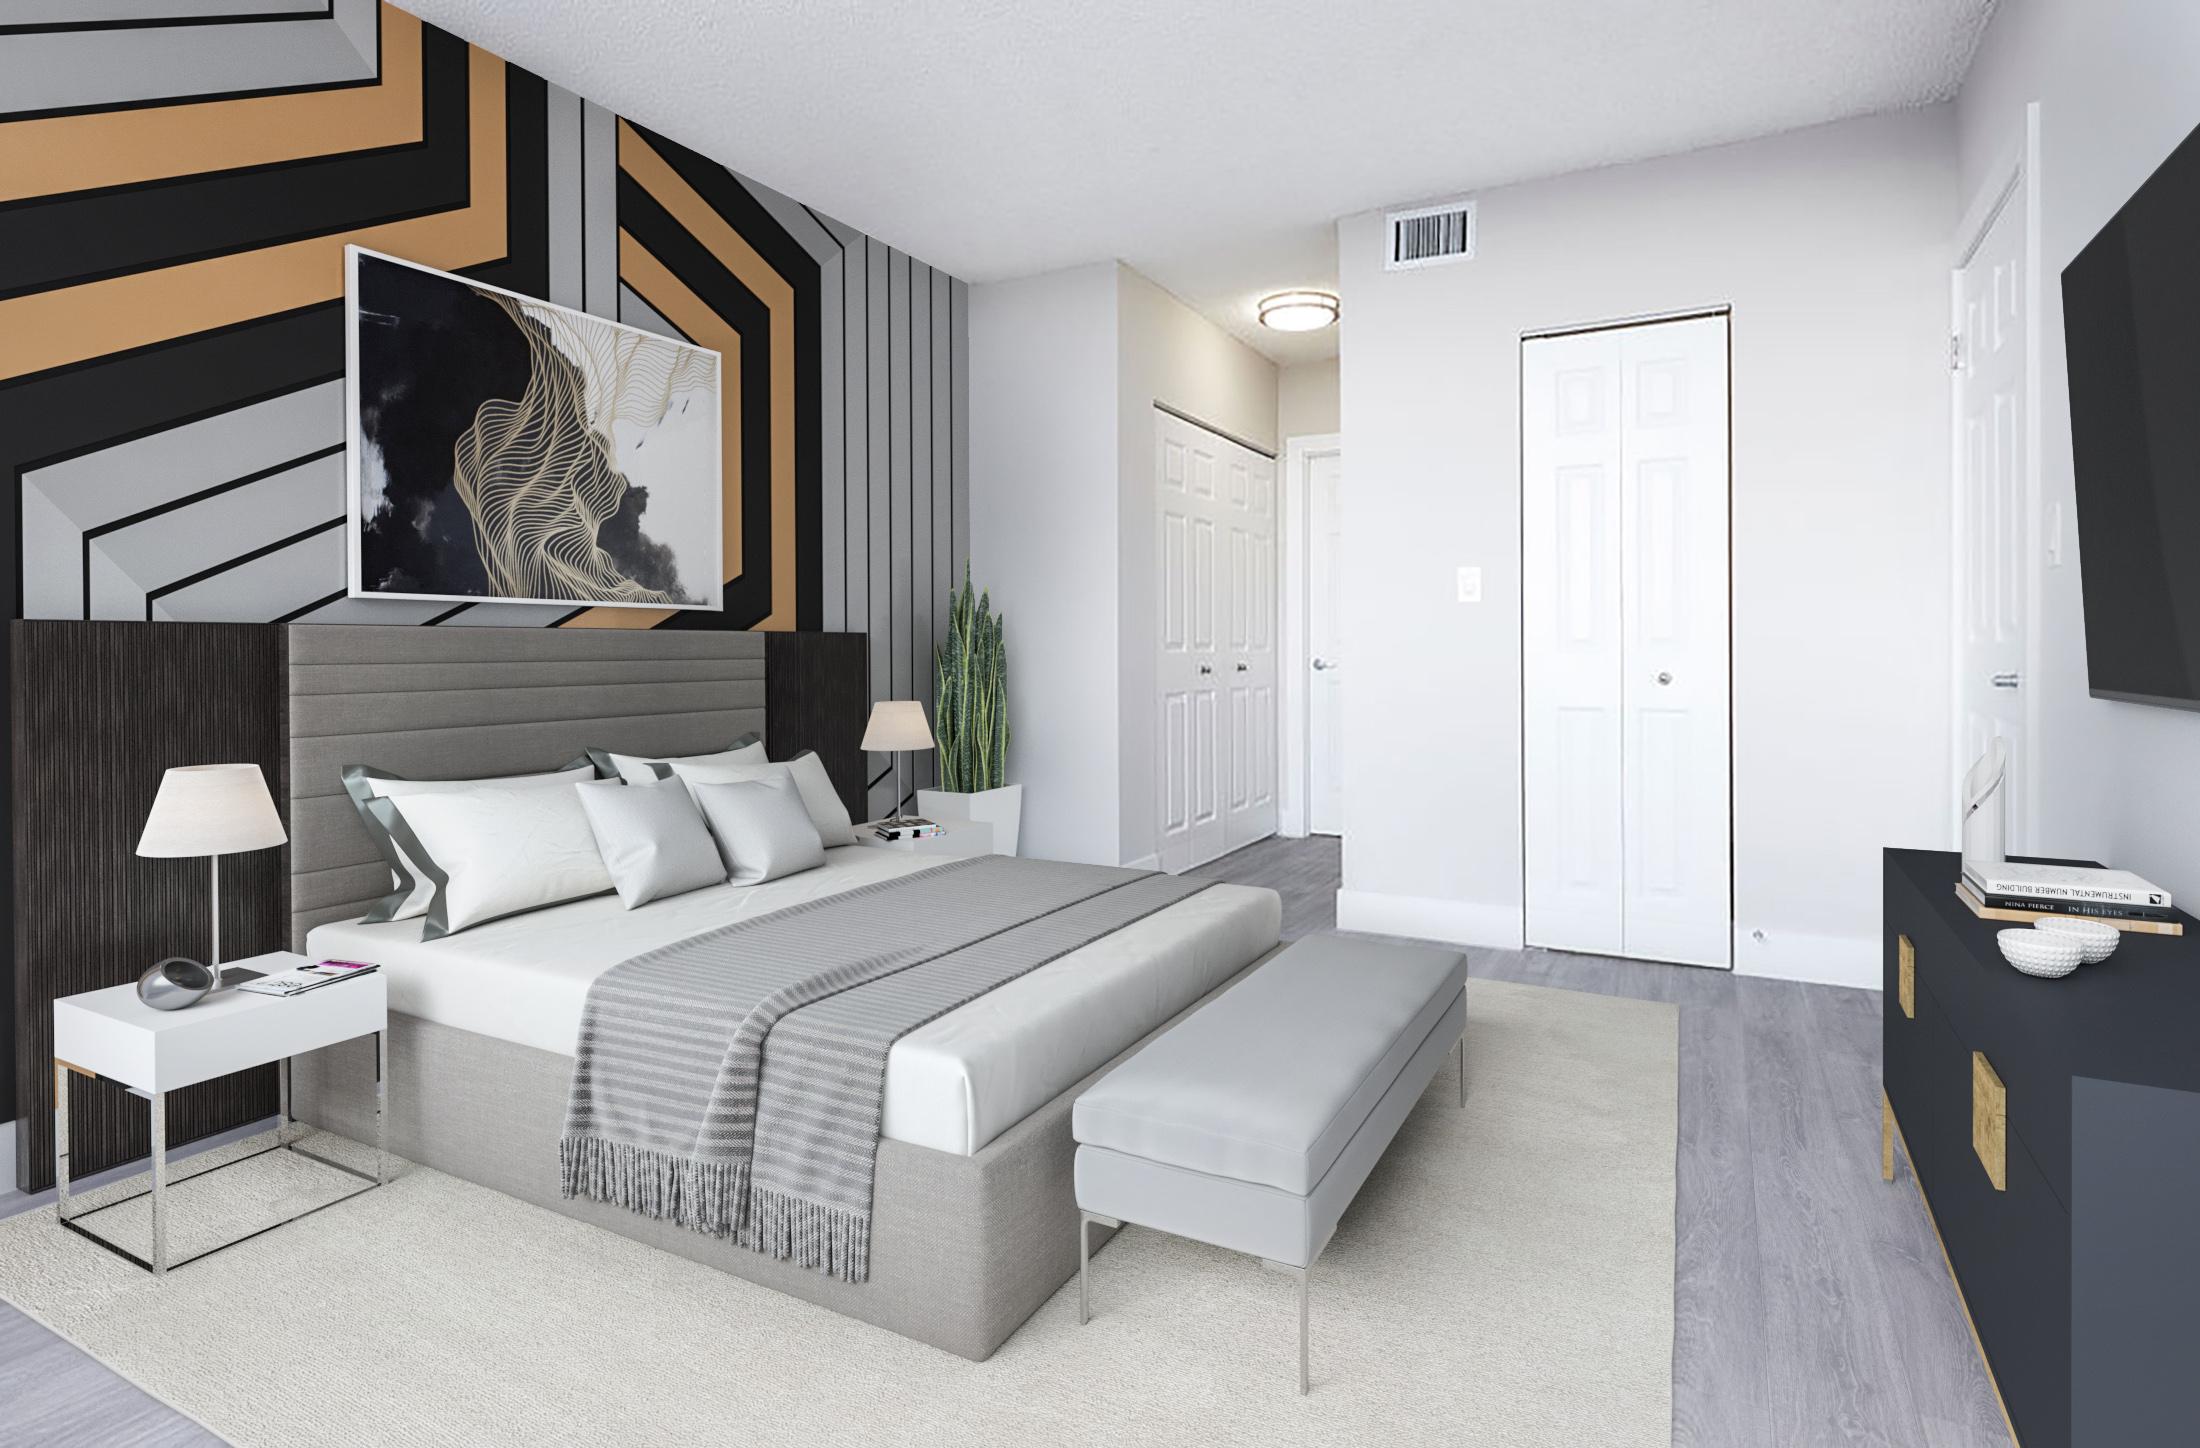 Aliro apartment bedroom